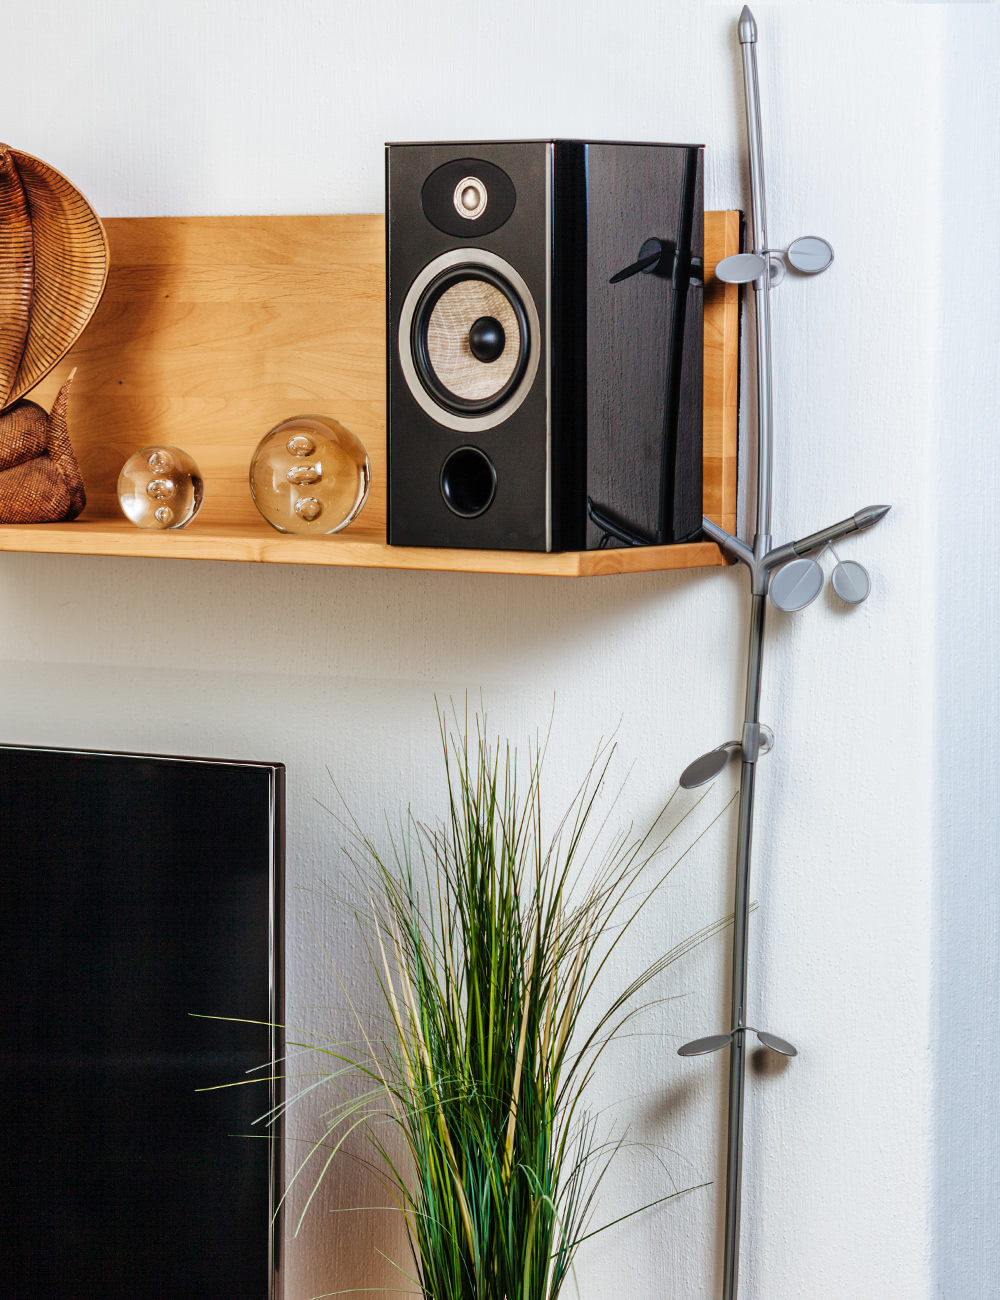 beispielbilder f r den kabelkanal kabelverkleidung kabelranke von cip beispielbilder cip. Black Bedroom Furniture Sets. Home Design Ideas